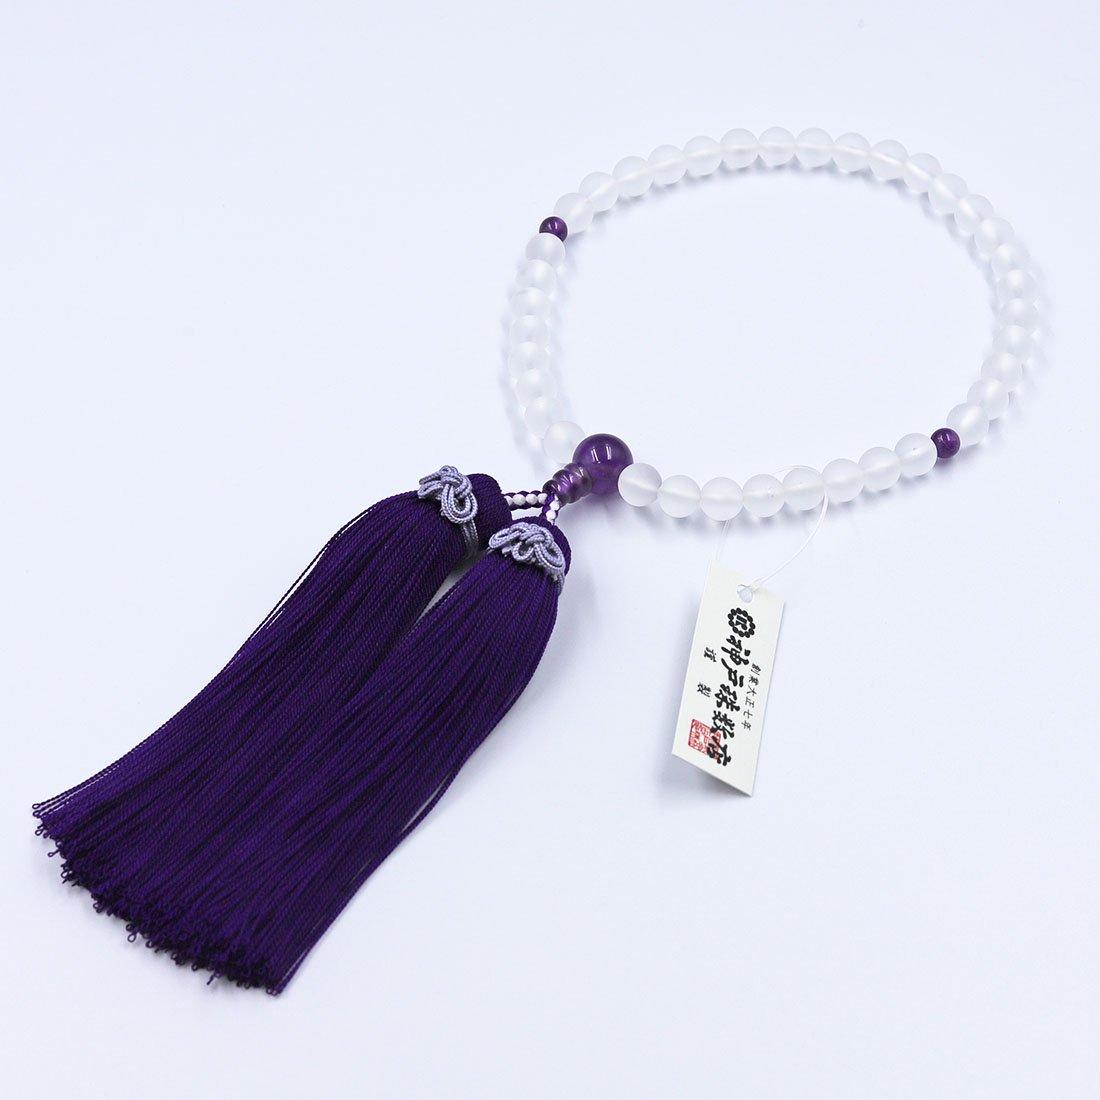 結 nenju 朝霧水晶・紫水晶仕立